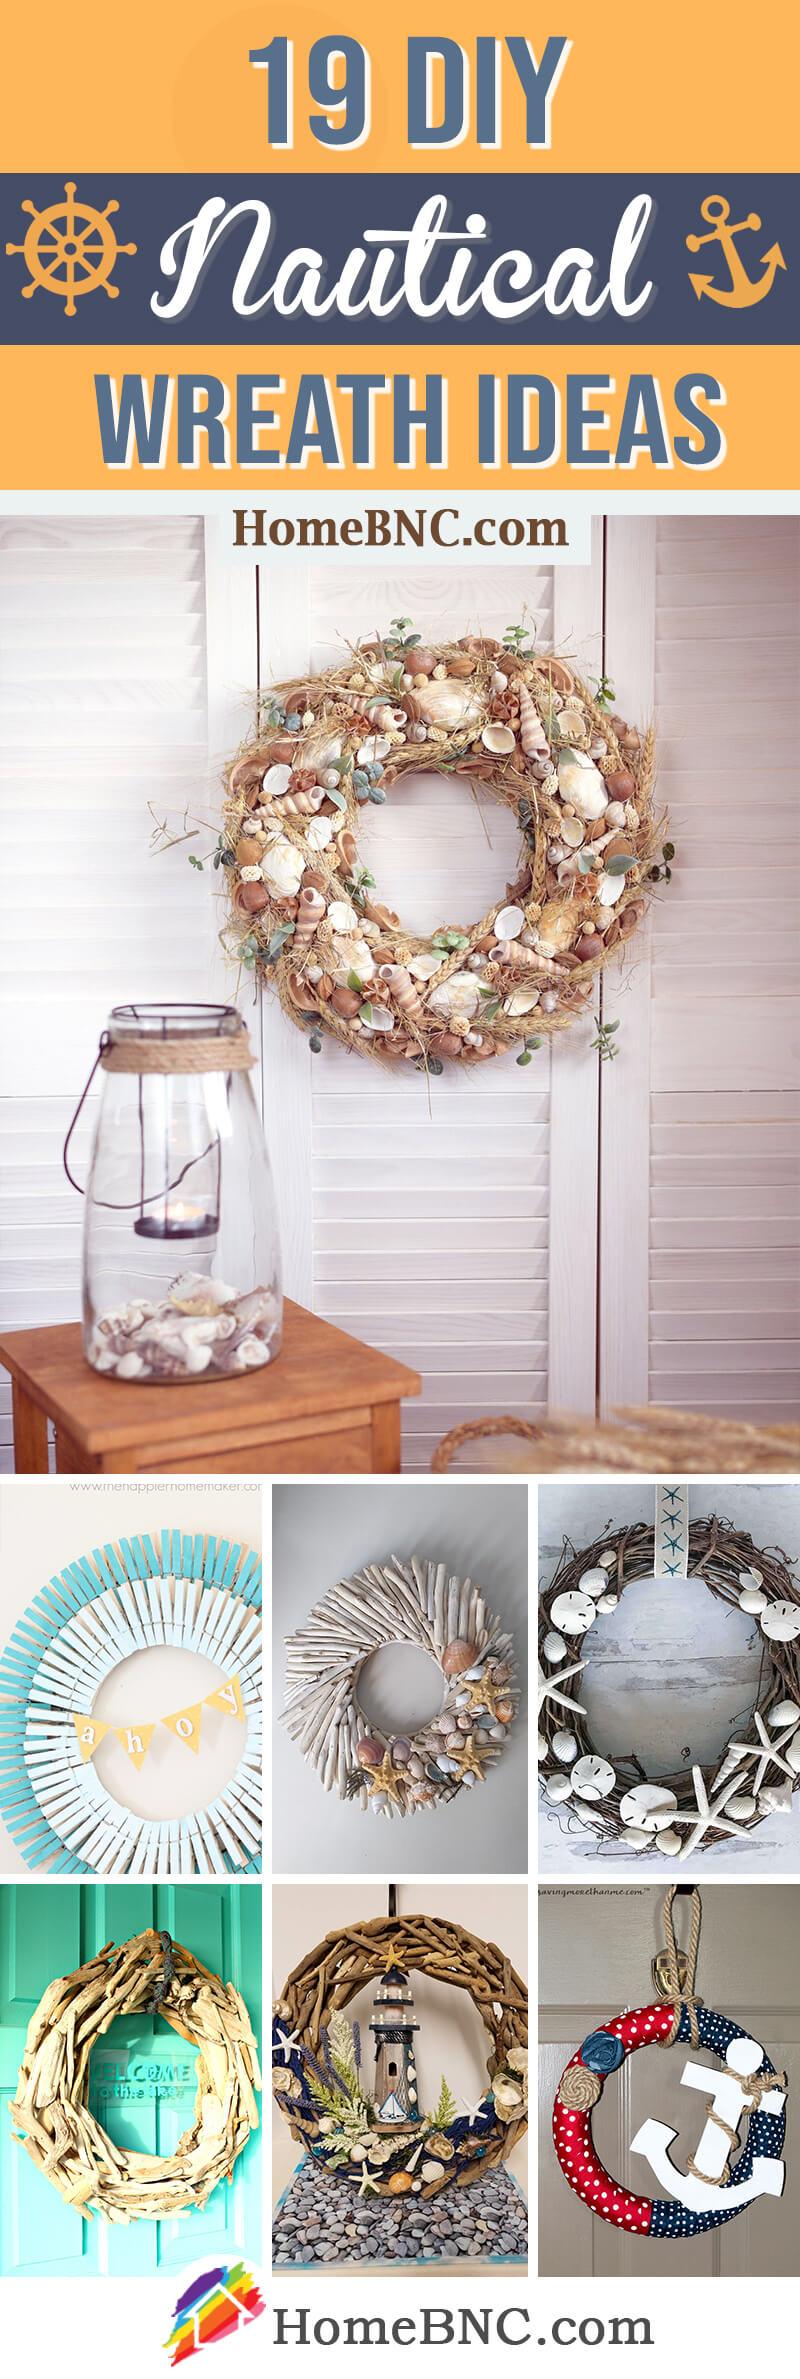 Best DIY Nautical Wreath Ideas